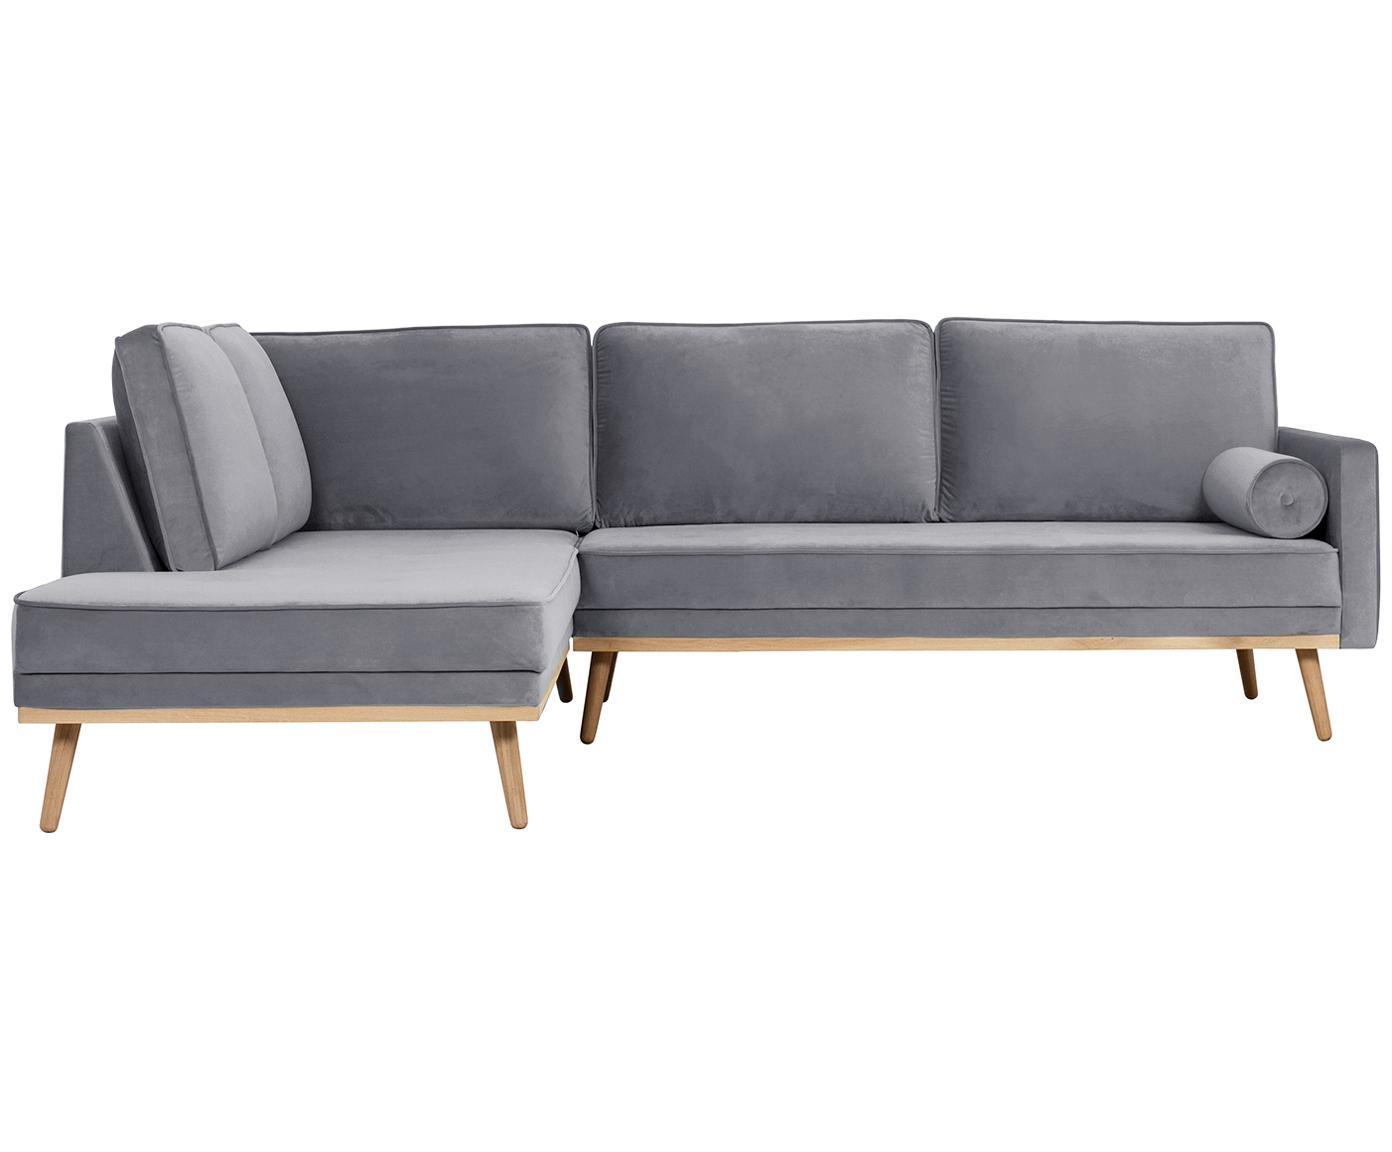 Sofa narożna z aksamitu Saint (3-osobowa), Tapicerka: aksamit (poliester) 3500, Stelaż: lite drewno dębowe, płyta, Aksamitny szary, S 243 x G 220 cm